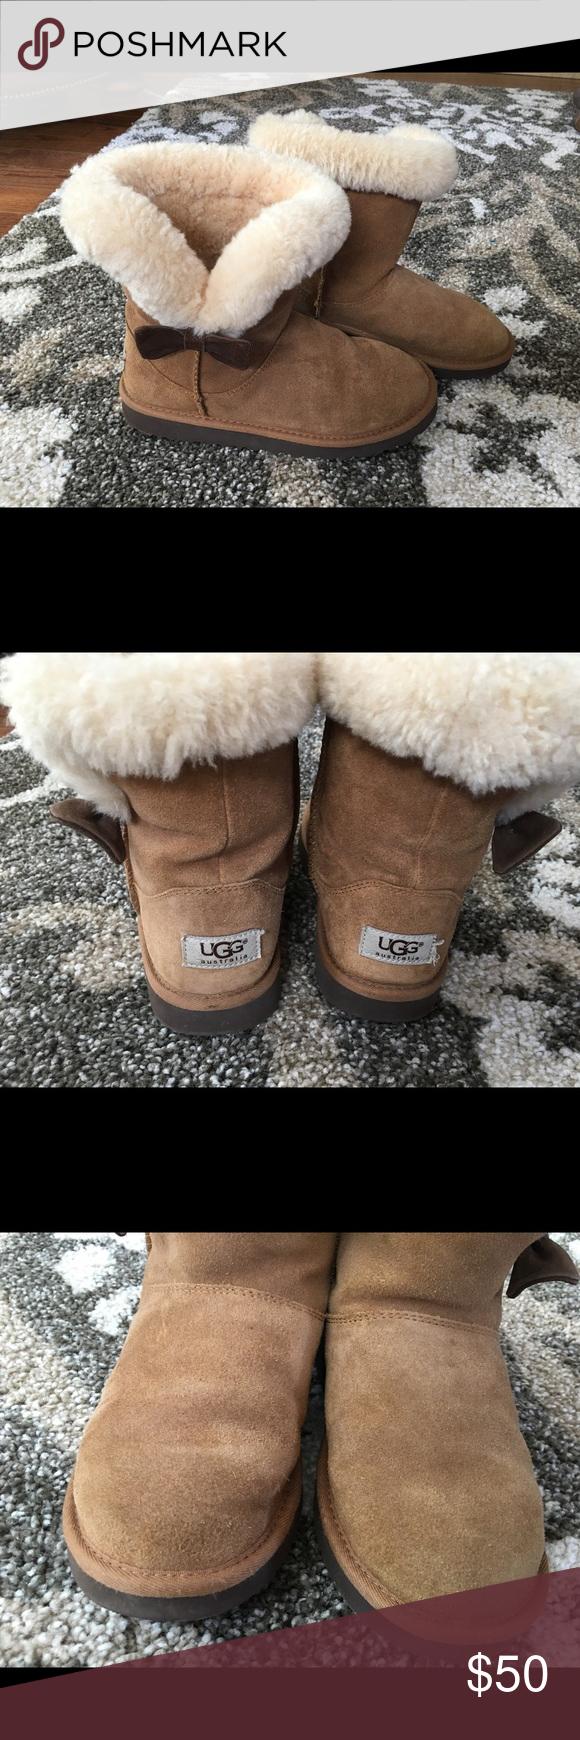 bcf97a0ea37 ebay ugg boots youth size 4 c2af3 fa683